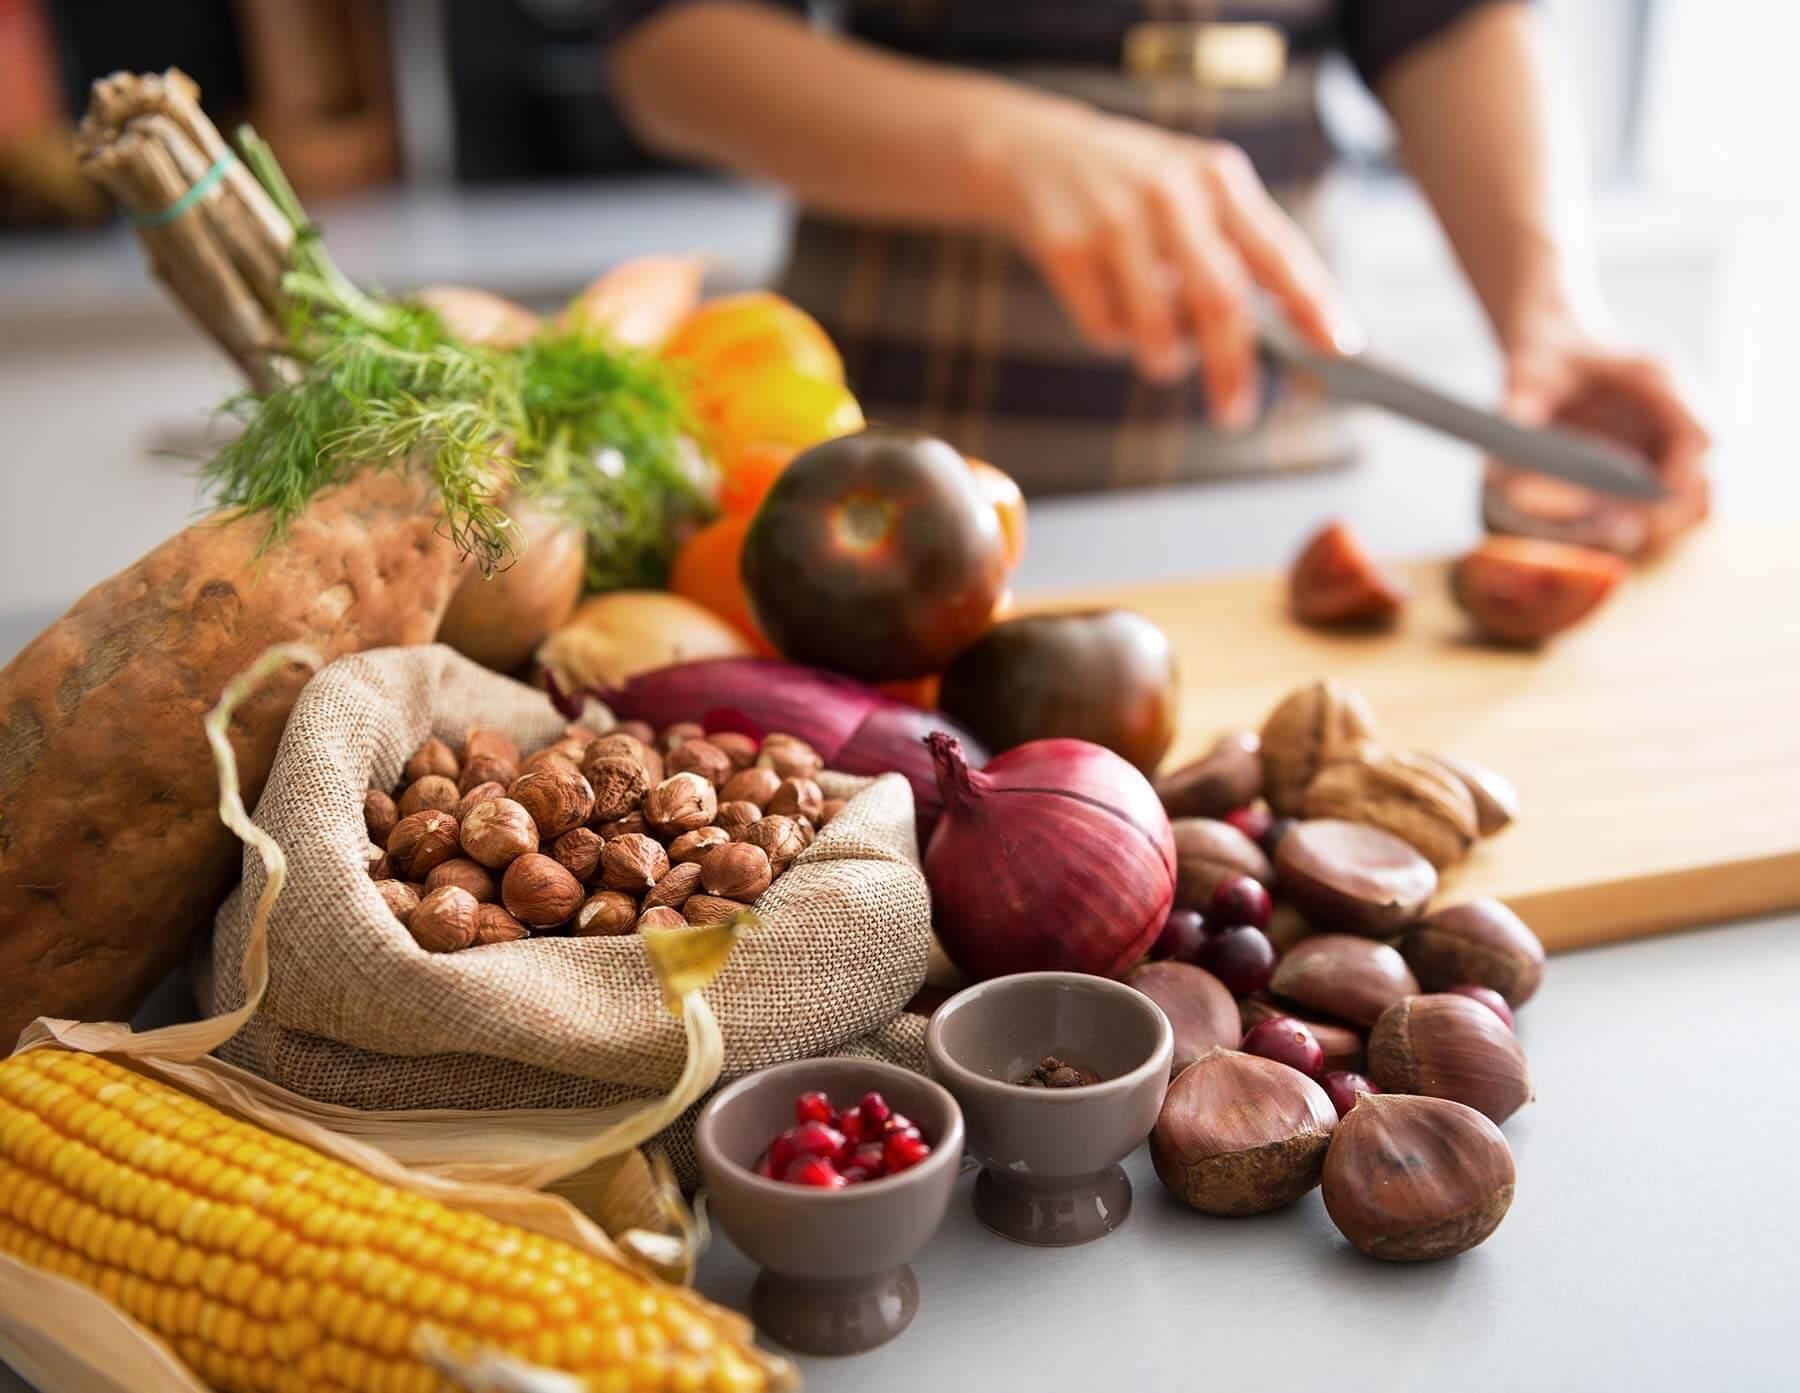 Veganer Muskelaufbau - Ist das überhaupt möglich?